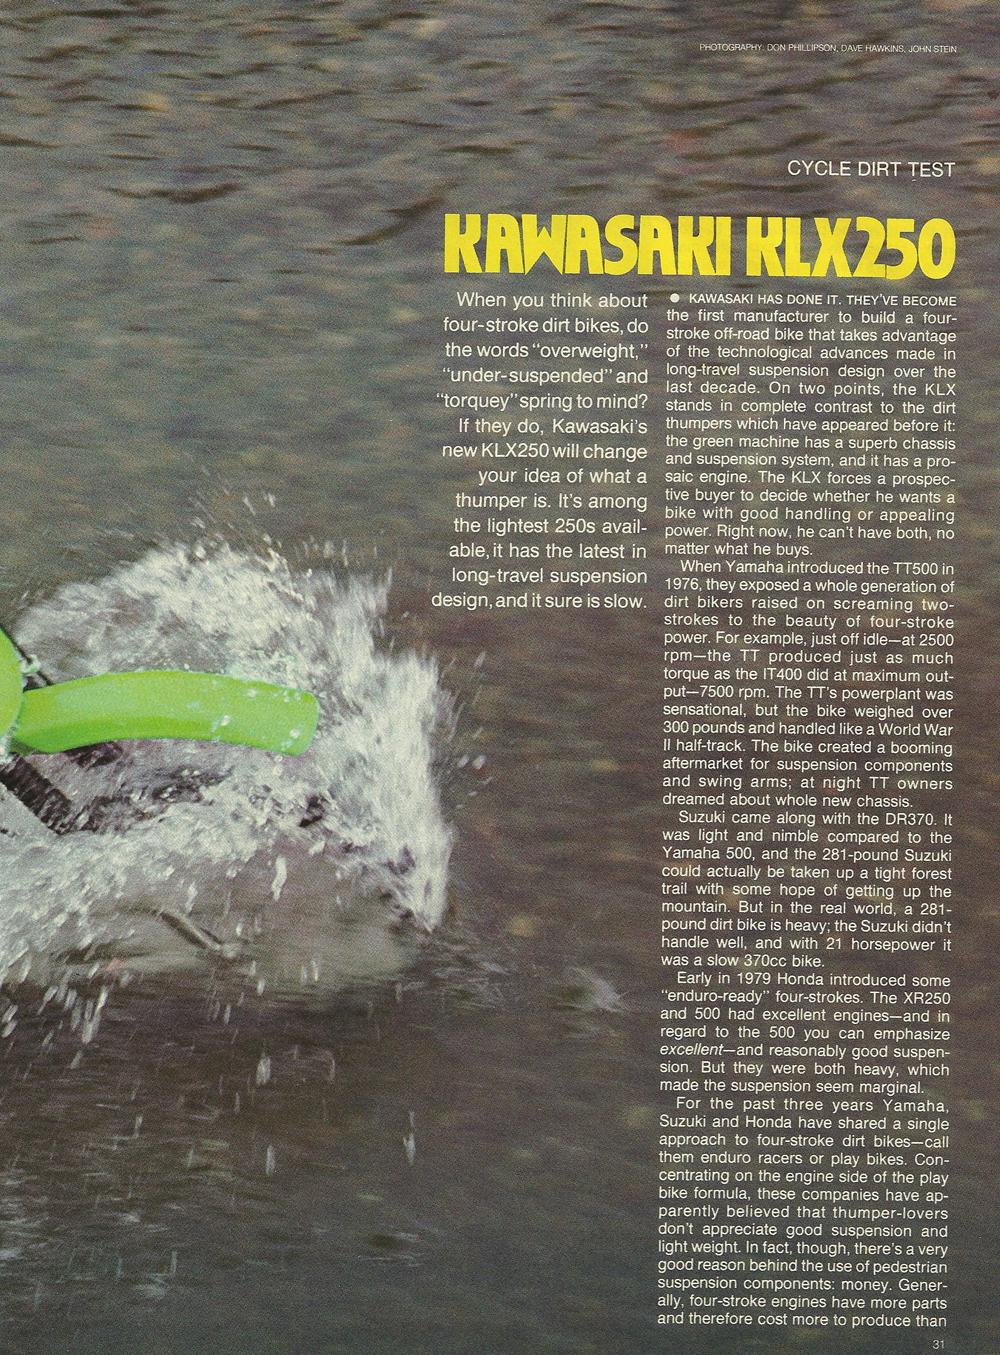 1979 Kawasaki KLX250 off road test 1.jpg